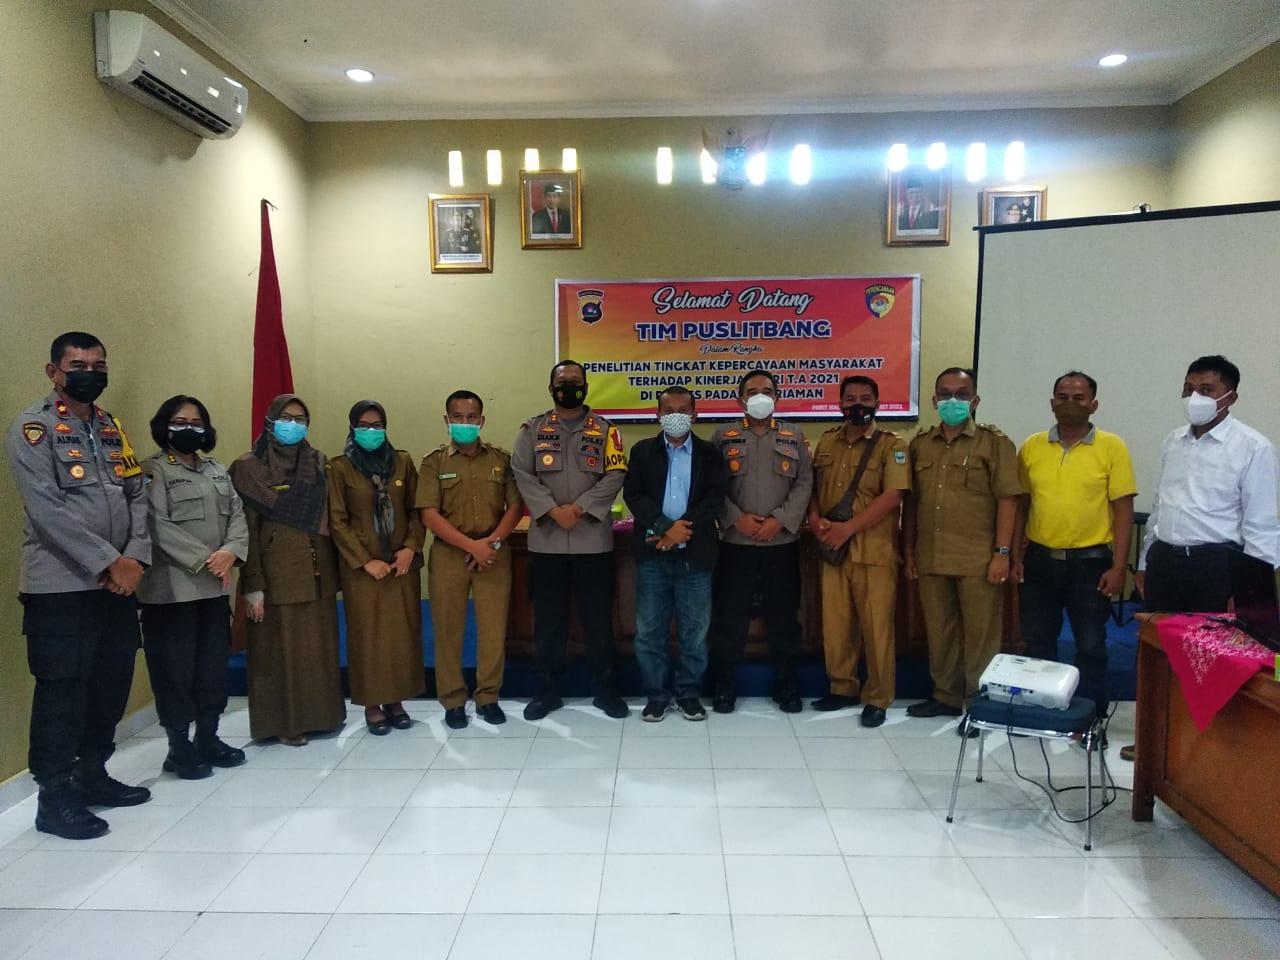 Kapolres Padang Pariaman Terima Kunjungan Tim Puslitbang Polri